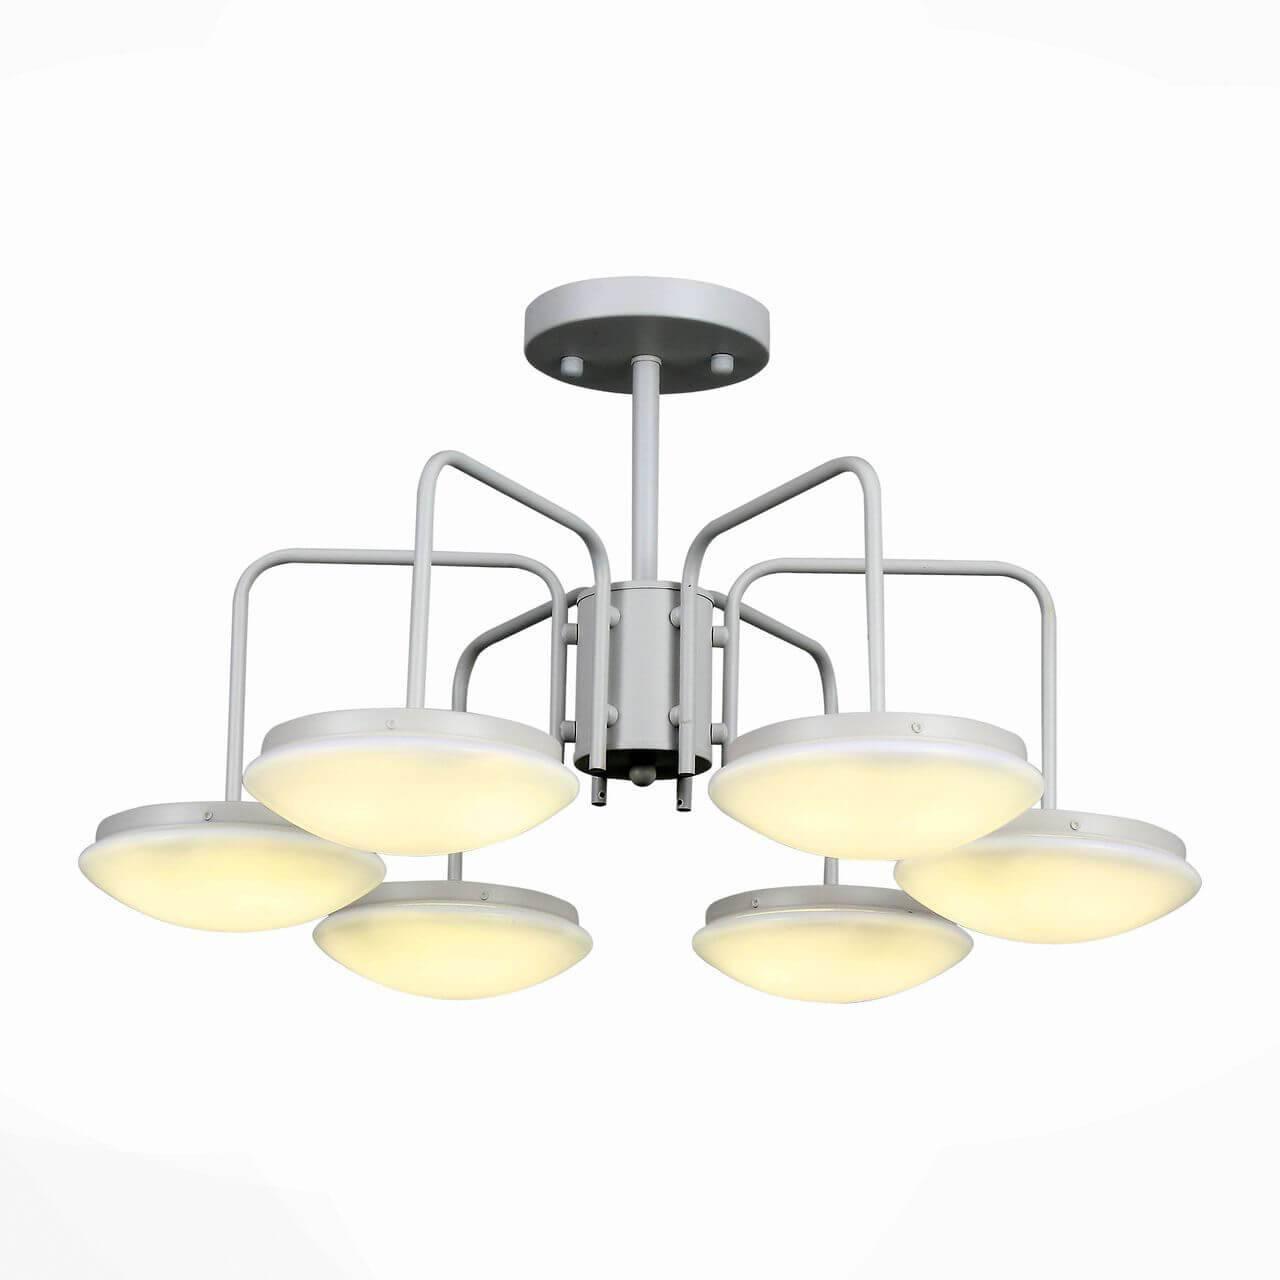 Светодиодные люстры - разновидности и обзор лучших моделей с описанием и ценами